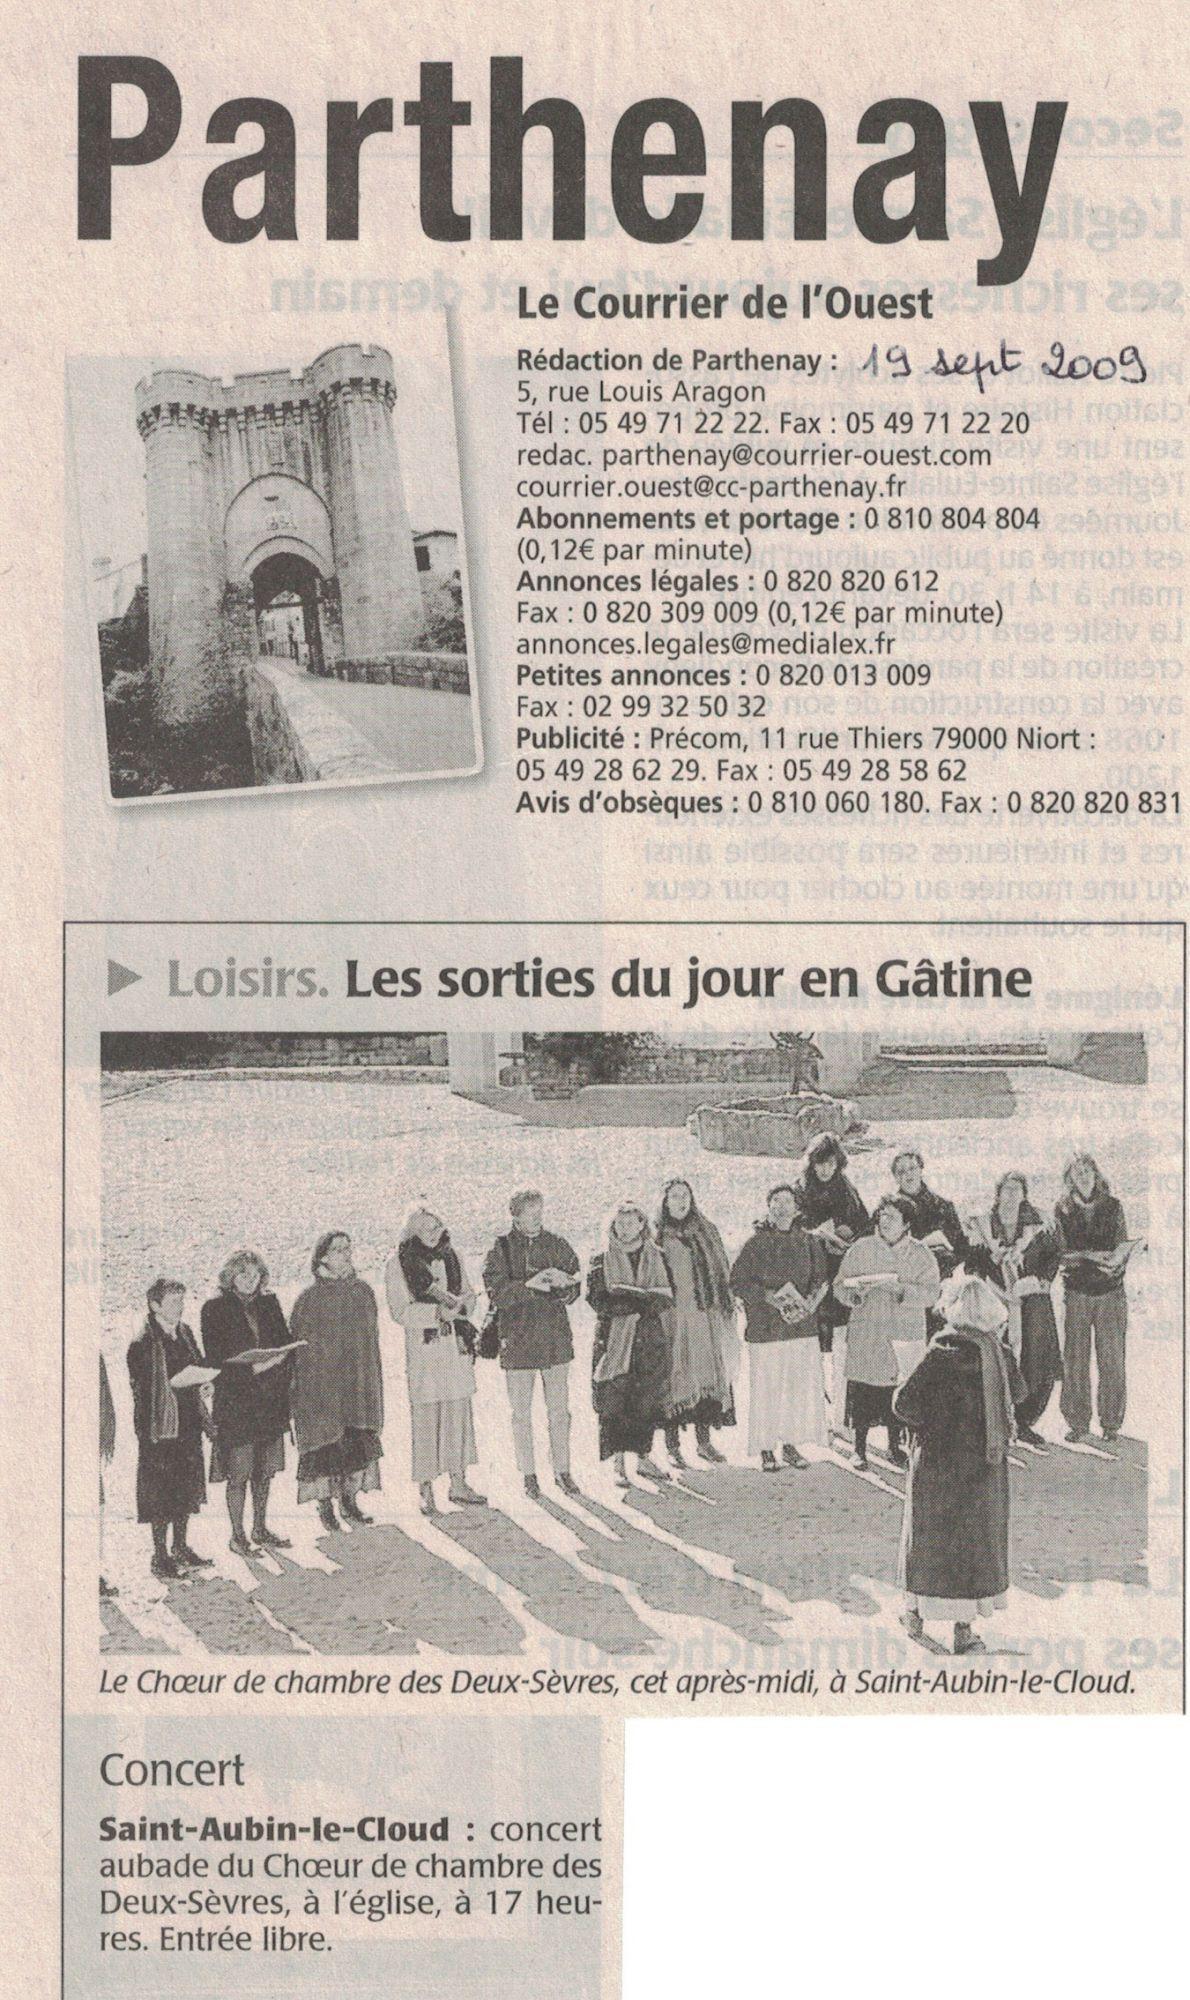 Concert St-Aubin 2009